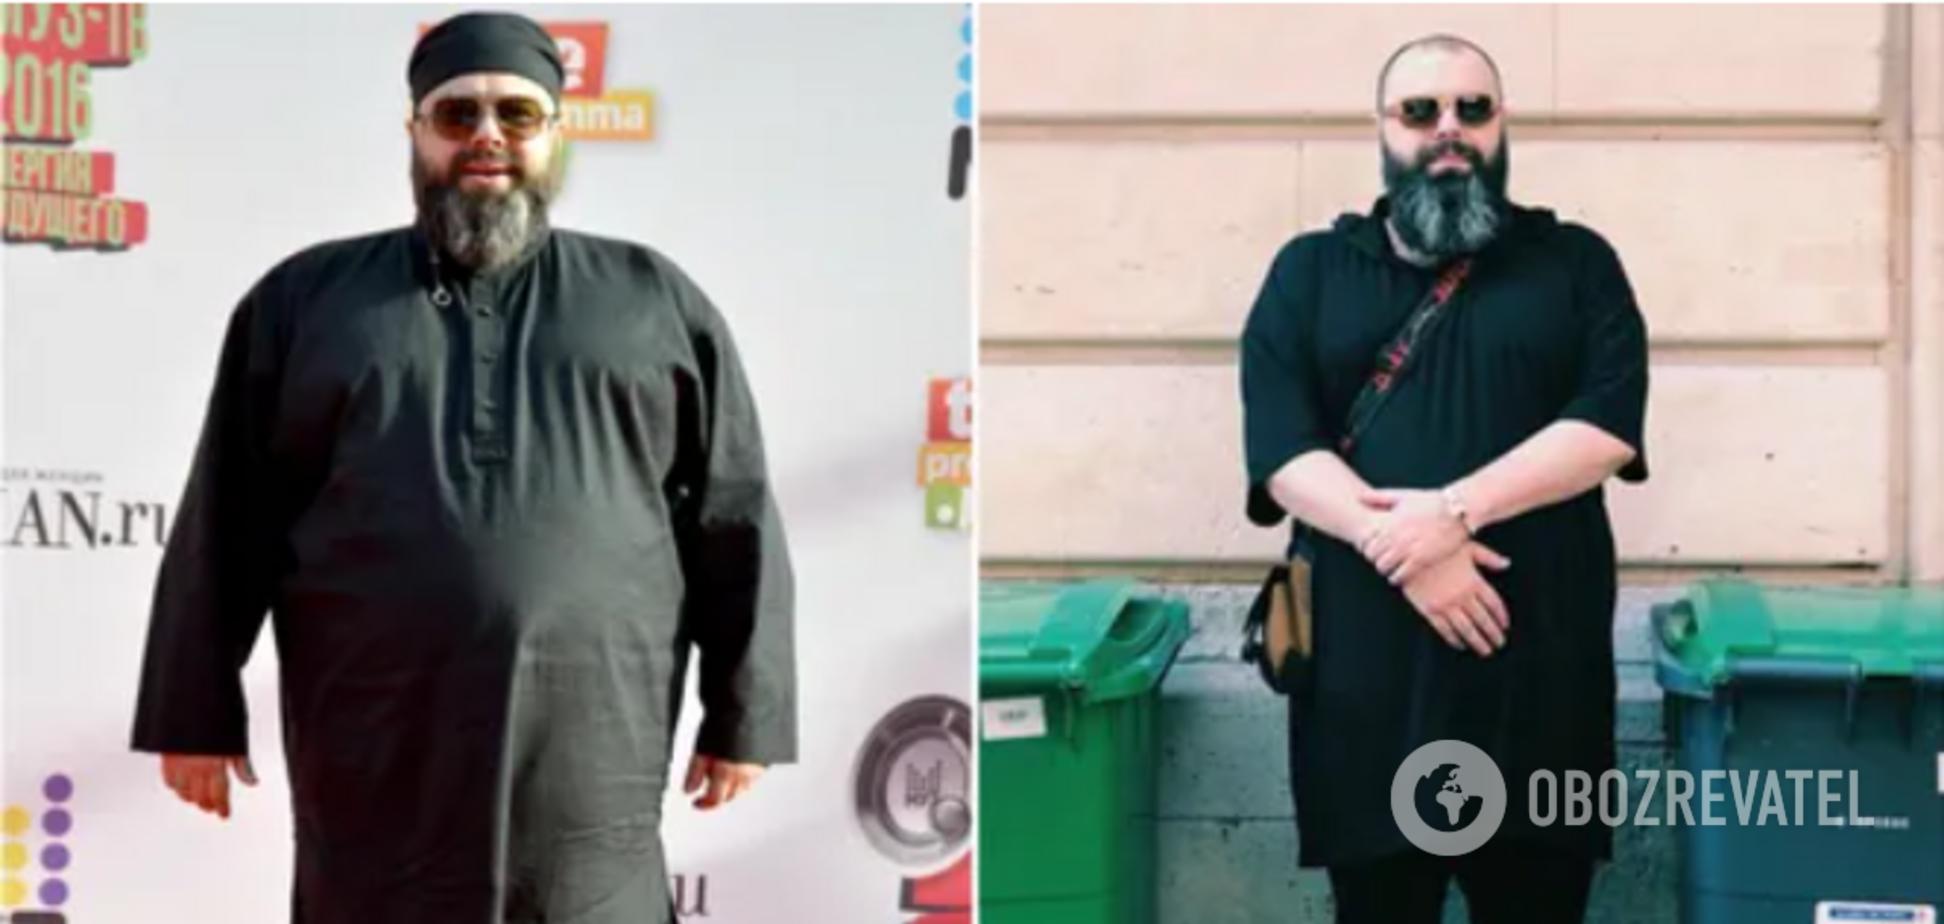 Мінус 90 кг: як виглядав Максим Фадєєв до і після схуднення